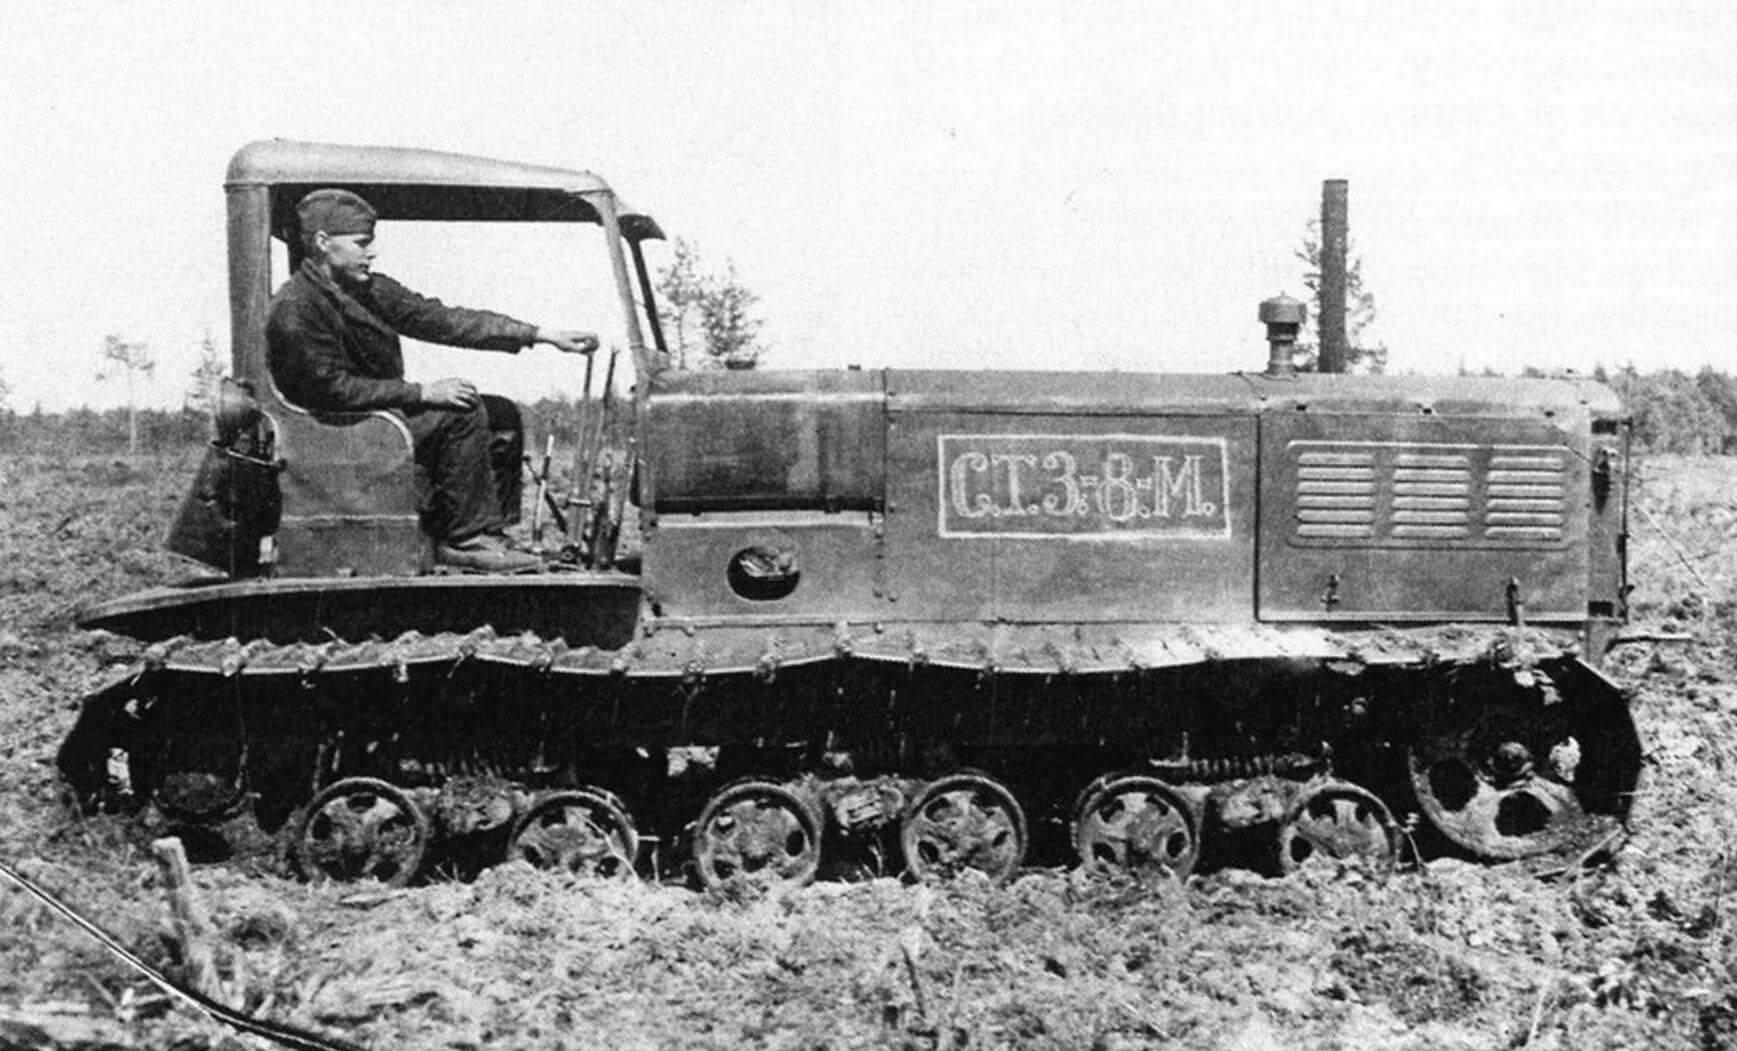 Трактор СТЗ-8М, получивший в 1940 году удлиненное на 1070 мм (относительно базовой версии) шасси с добавлением третьей каретки гусеничного хода. Такая модификация позволила существенно снизить среднее удельное давление на грунт